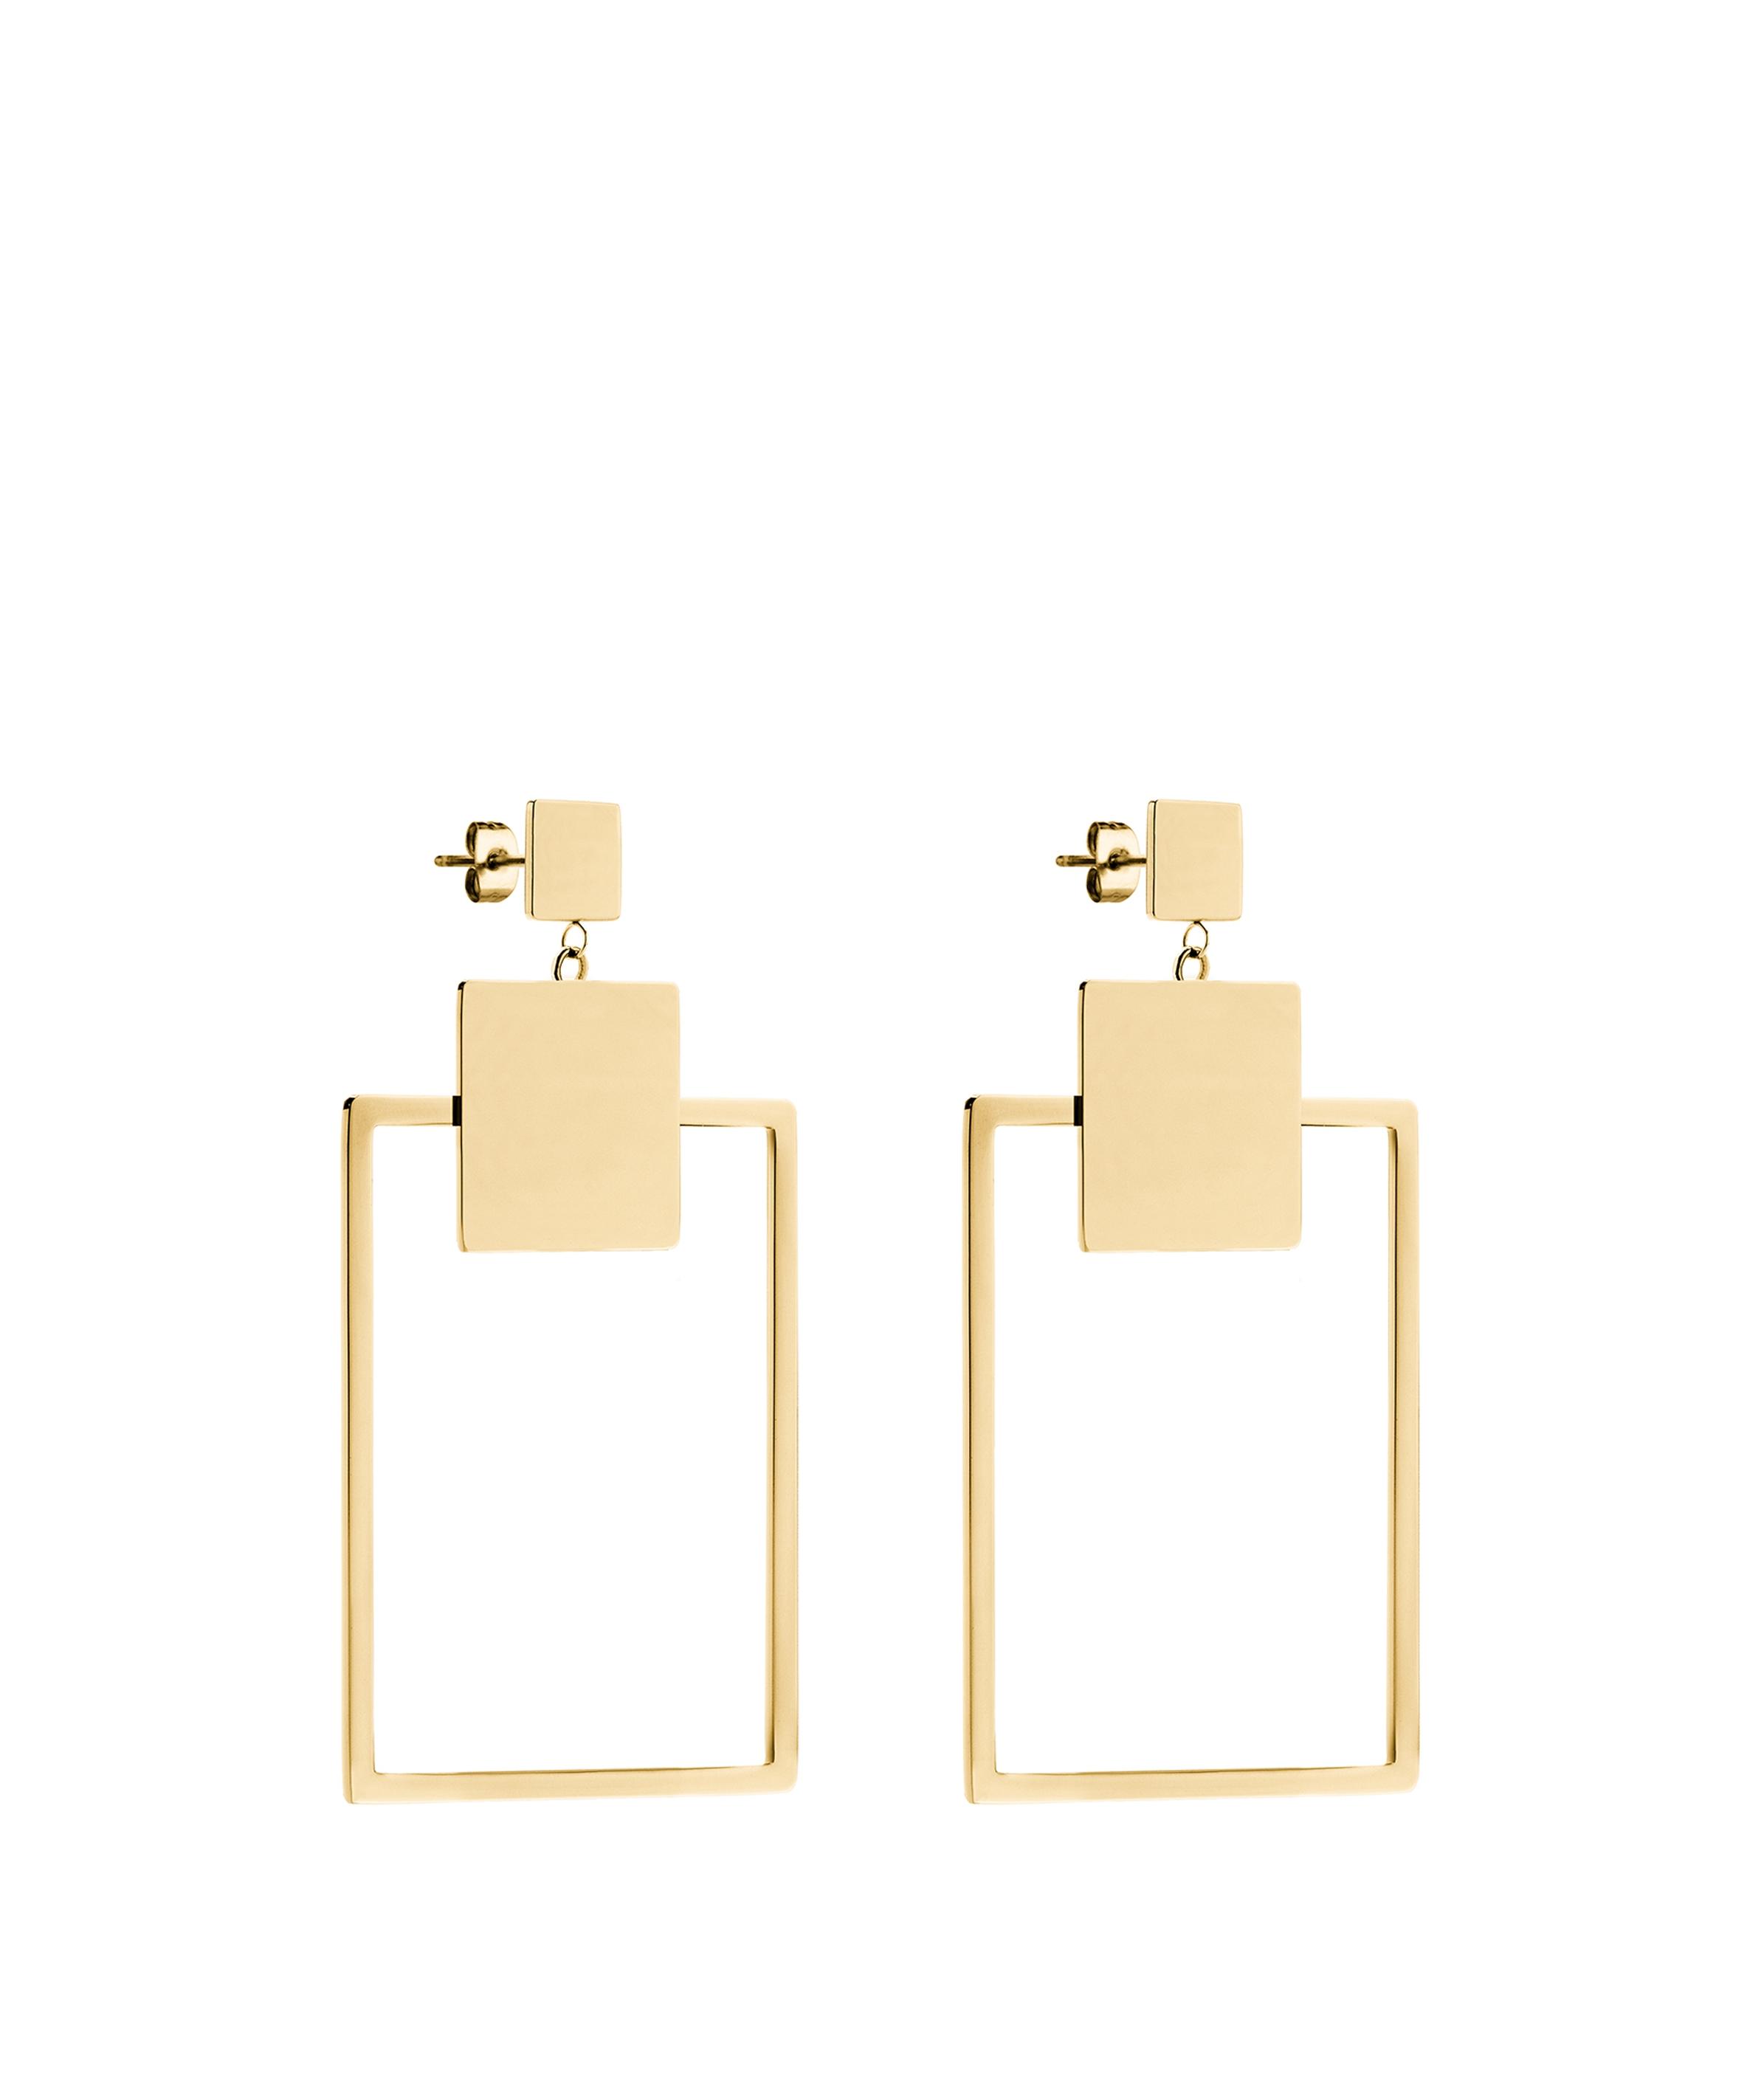 liebeskind berlin - Ohrringe in geometrischem Design, Gelb, Größe -